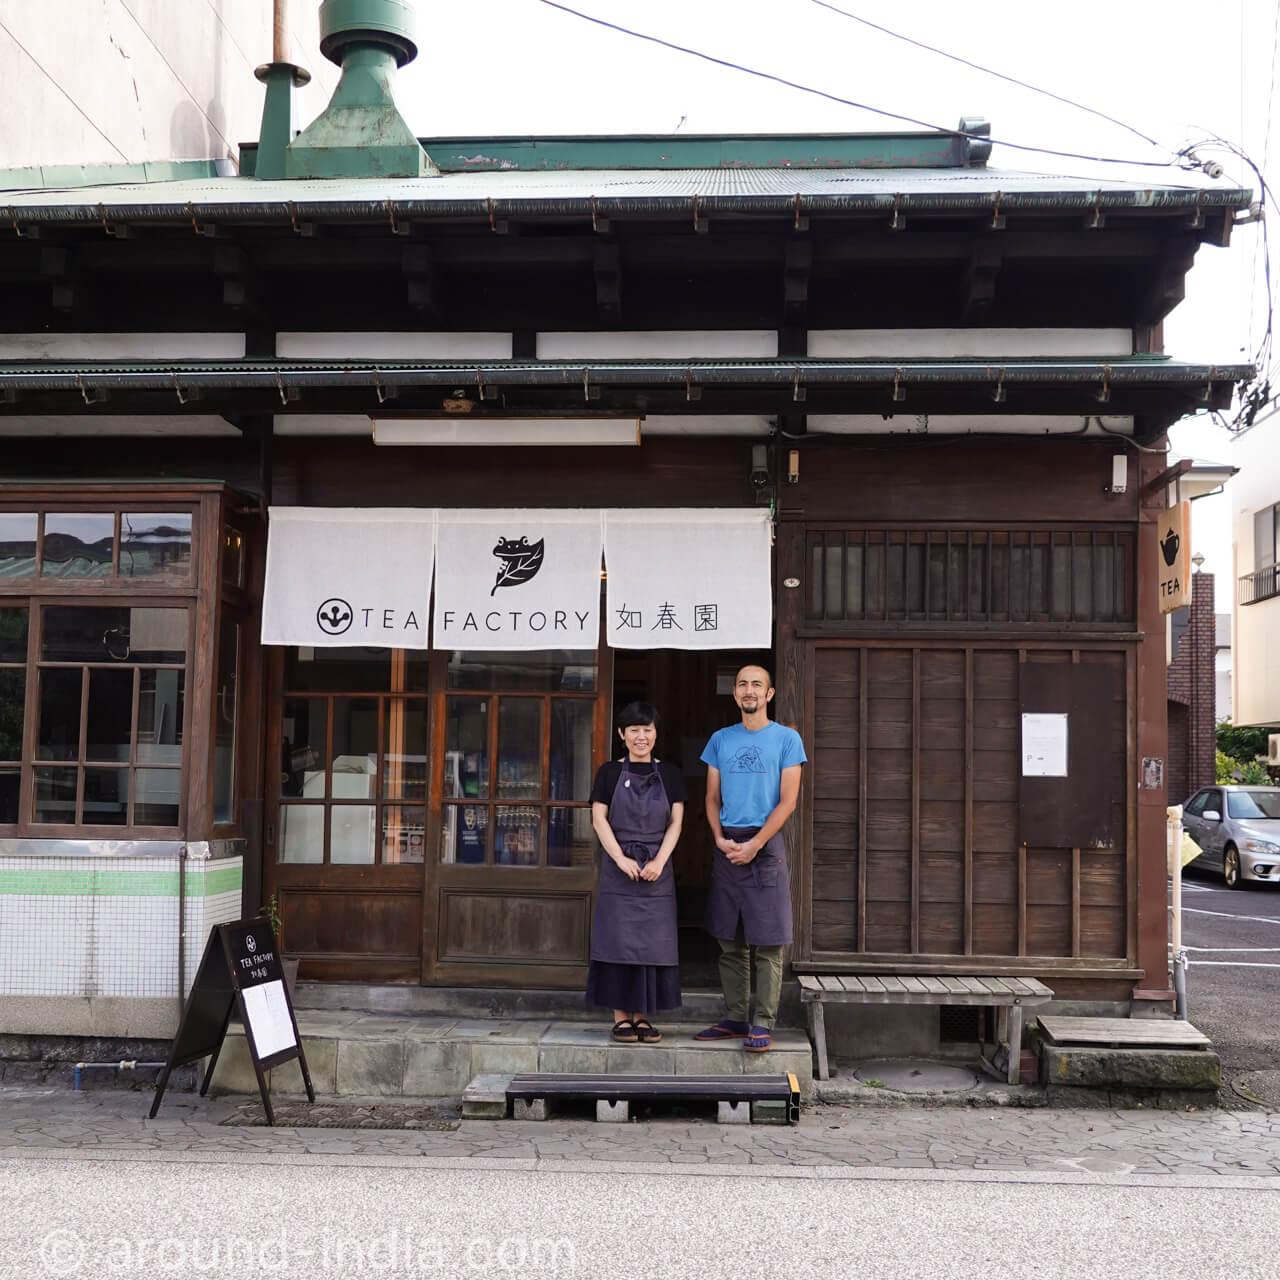 小田原・如春園の外観とオーナーご夫妻